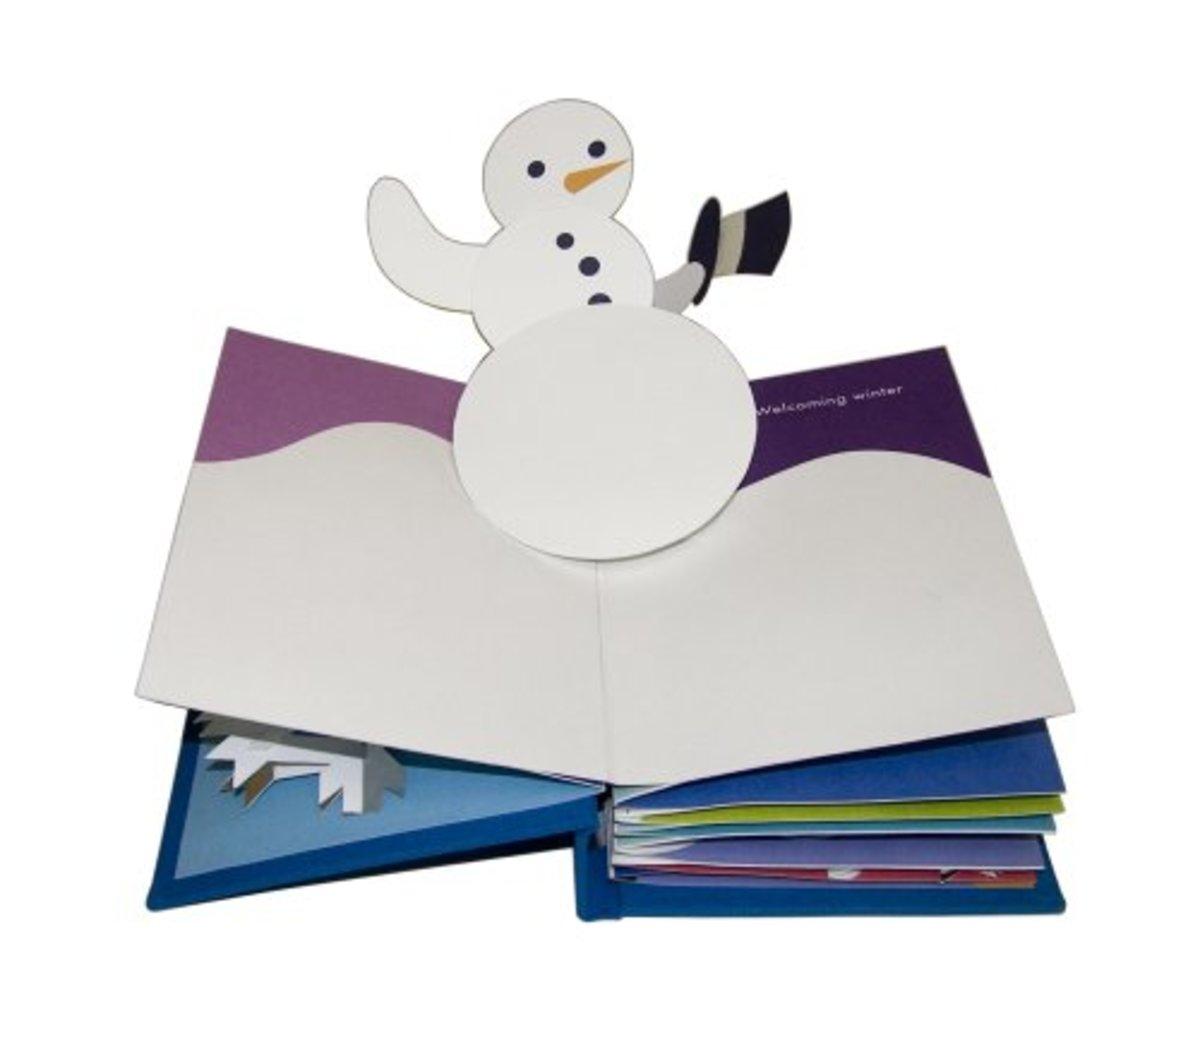 Winter in White by Robert Sabuda snowman pop-up